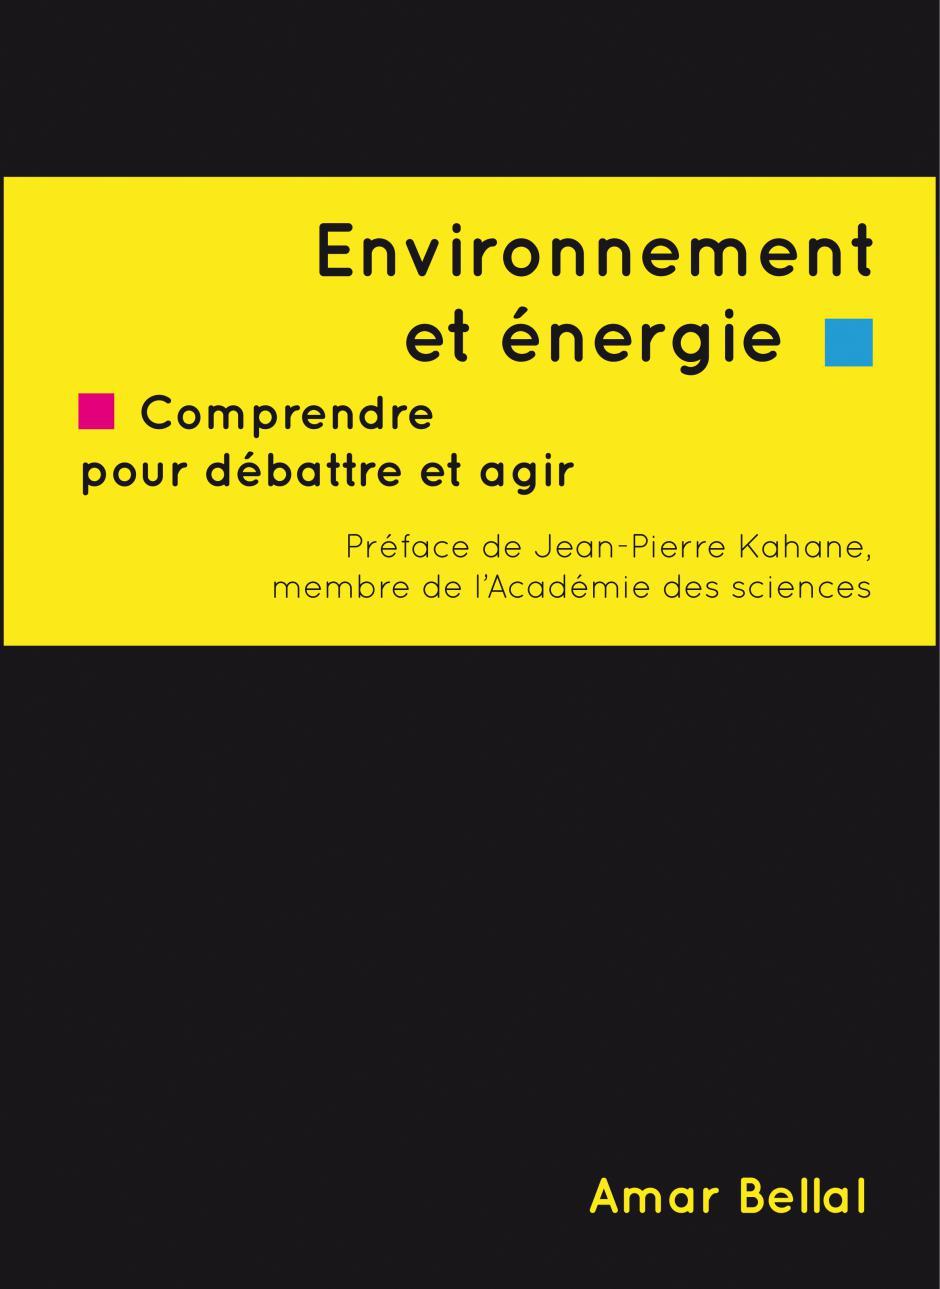 Environnement et énergie. Comprendre pour débattre et agir, Amar Bellal